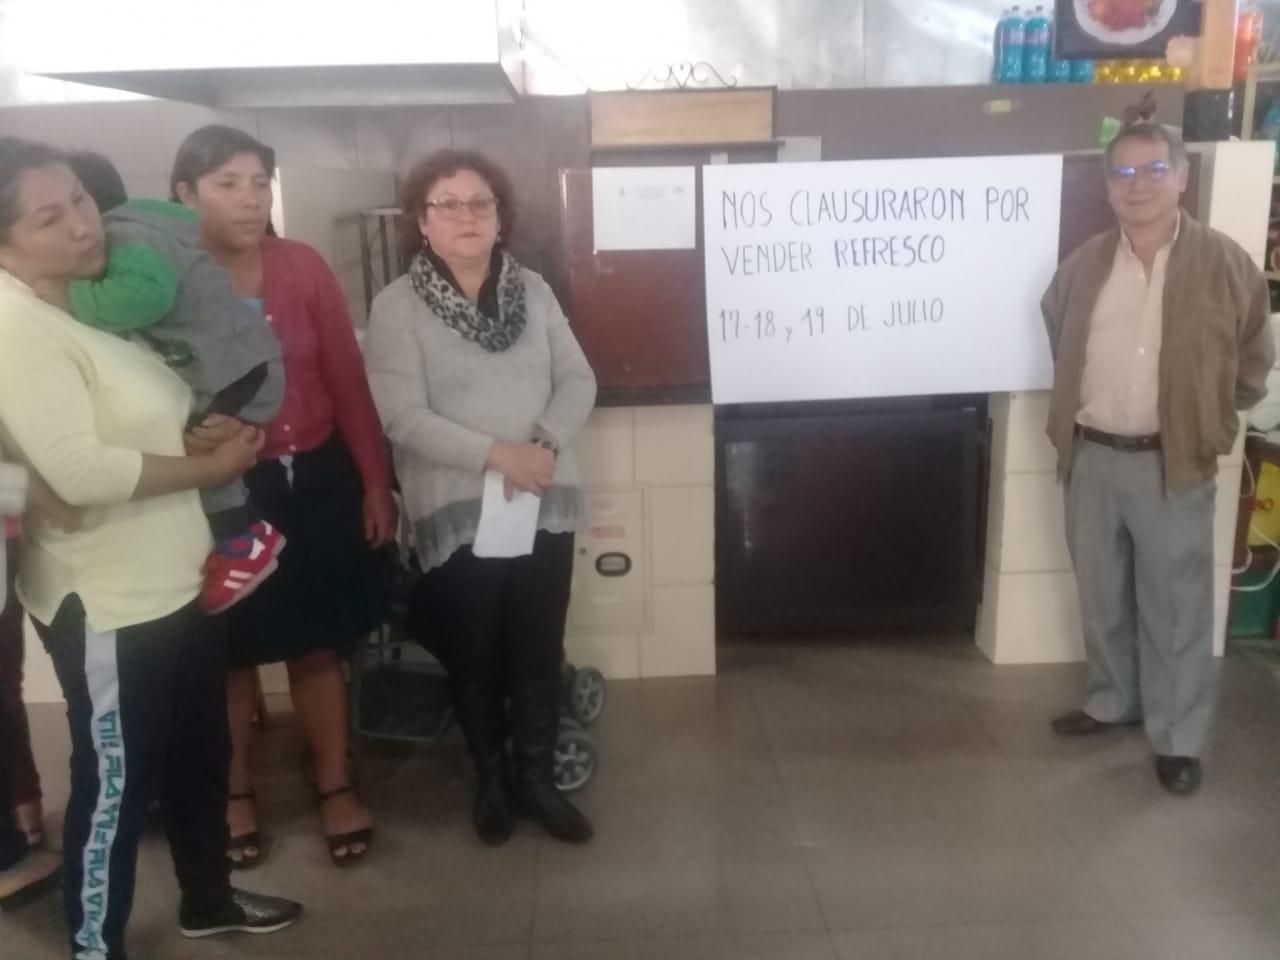 Clausuran puesto de comida de doña Pastora en el mercado Central de Tarija